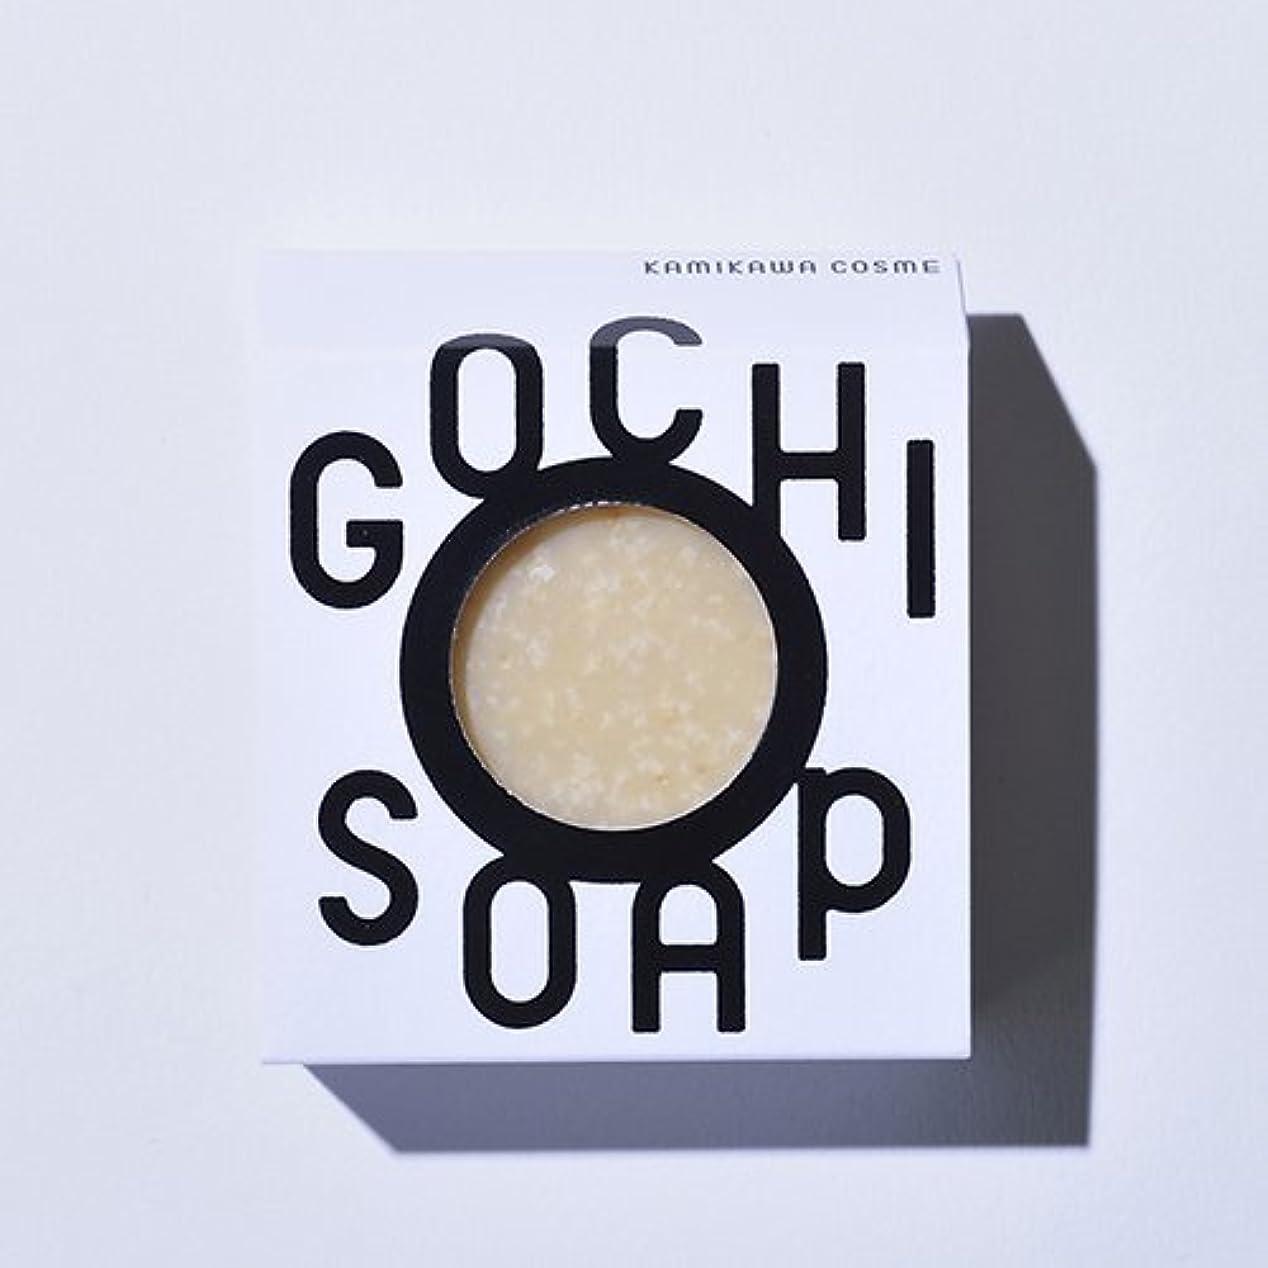 驚内側刑務所GOCHI SOAP ゴチソープ ふじくらますも果樹園のりんごソープ